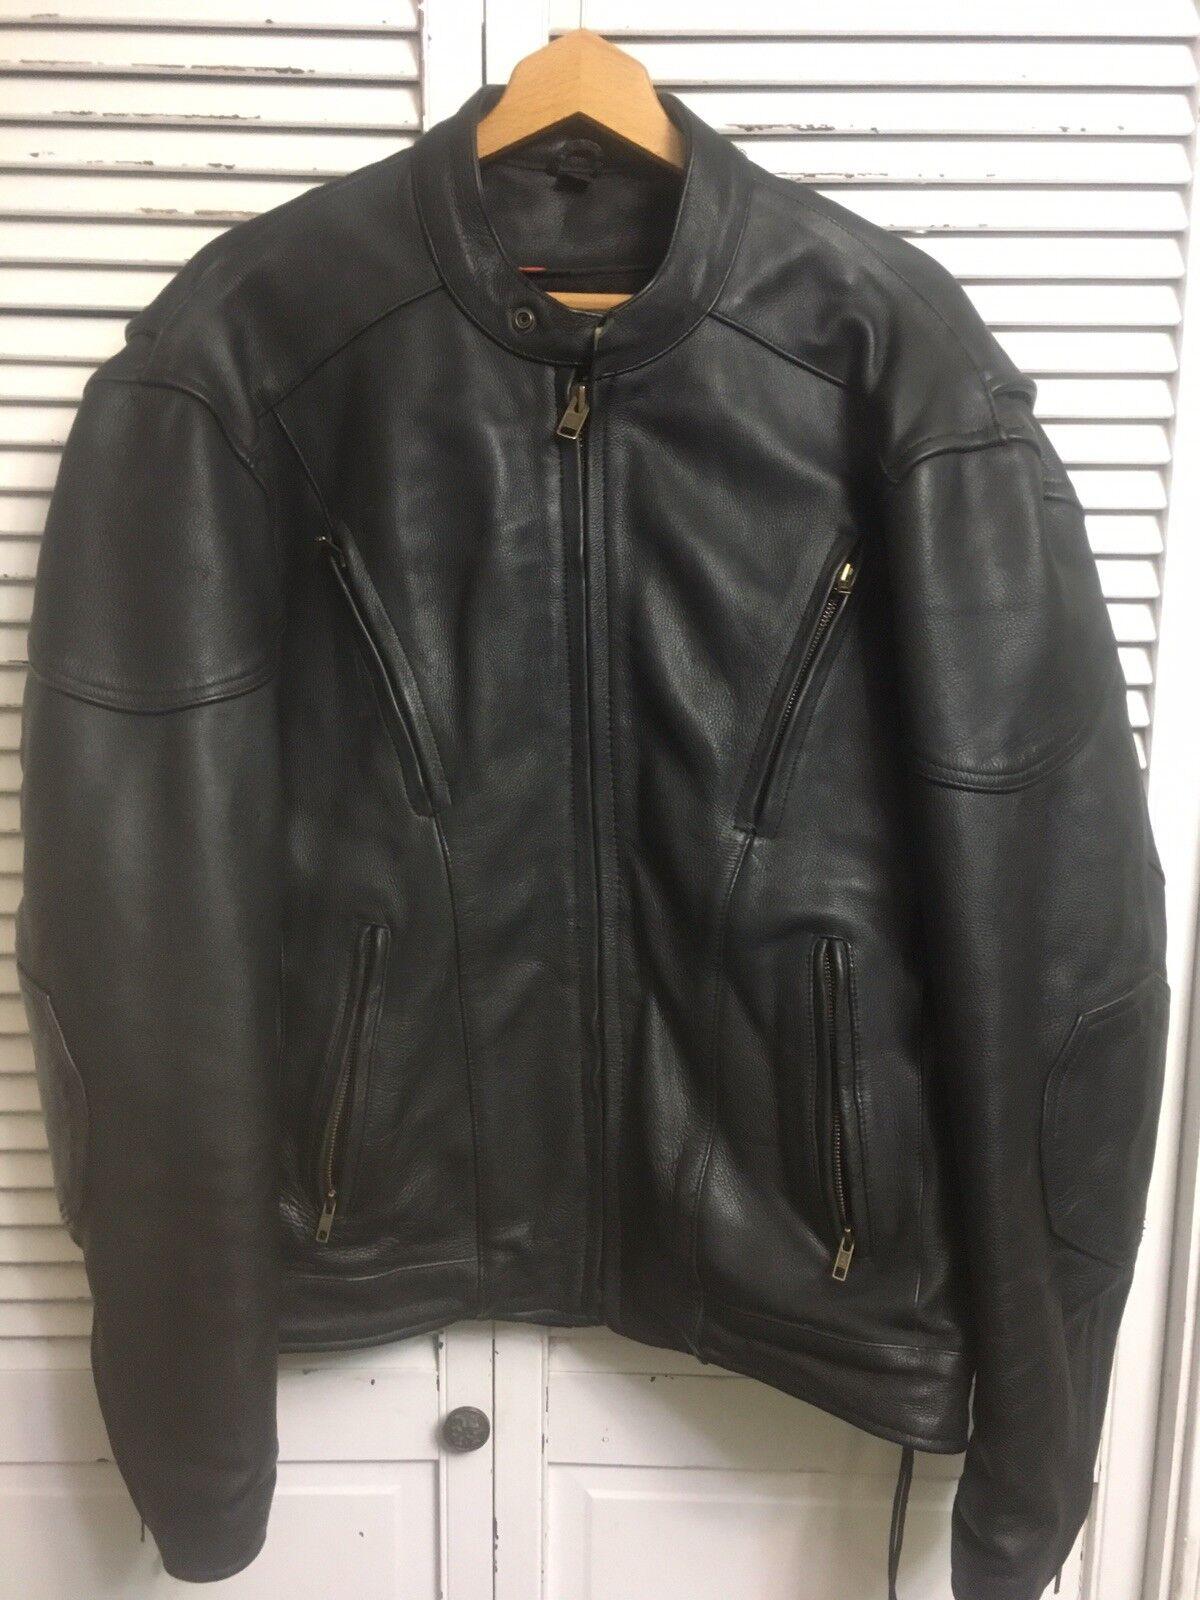 Alaska Cuero Anclaje  305 Negro Chaqueta De Cuero Moto Con Revestimiento Ultra 48  venta con descuento